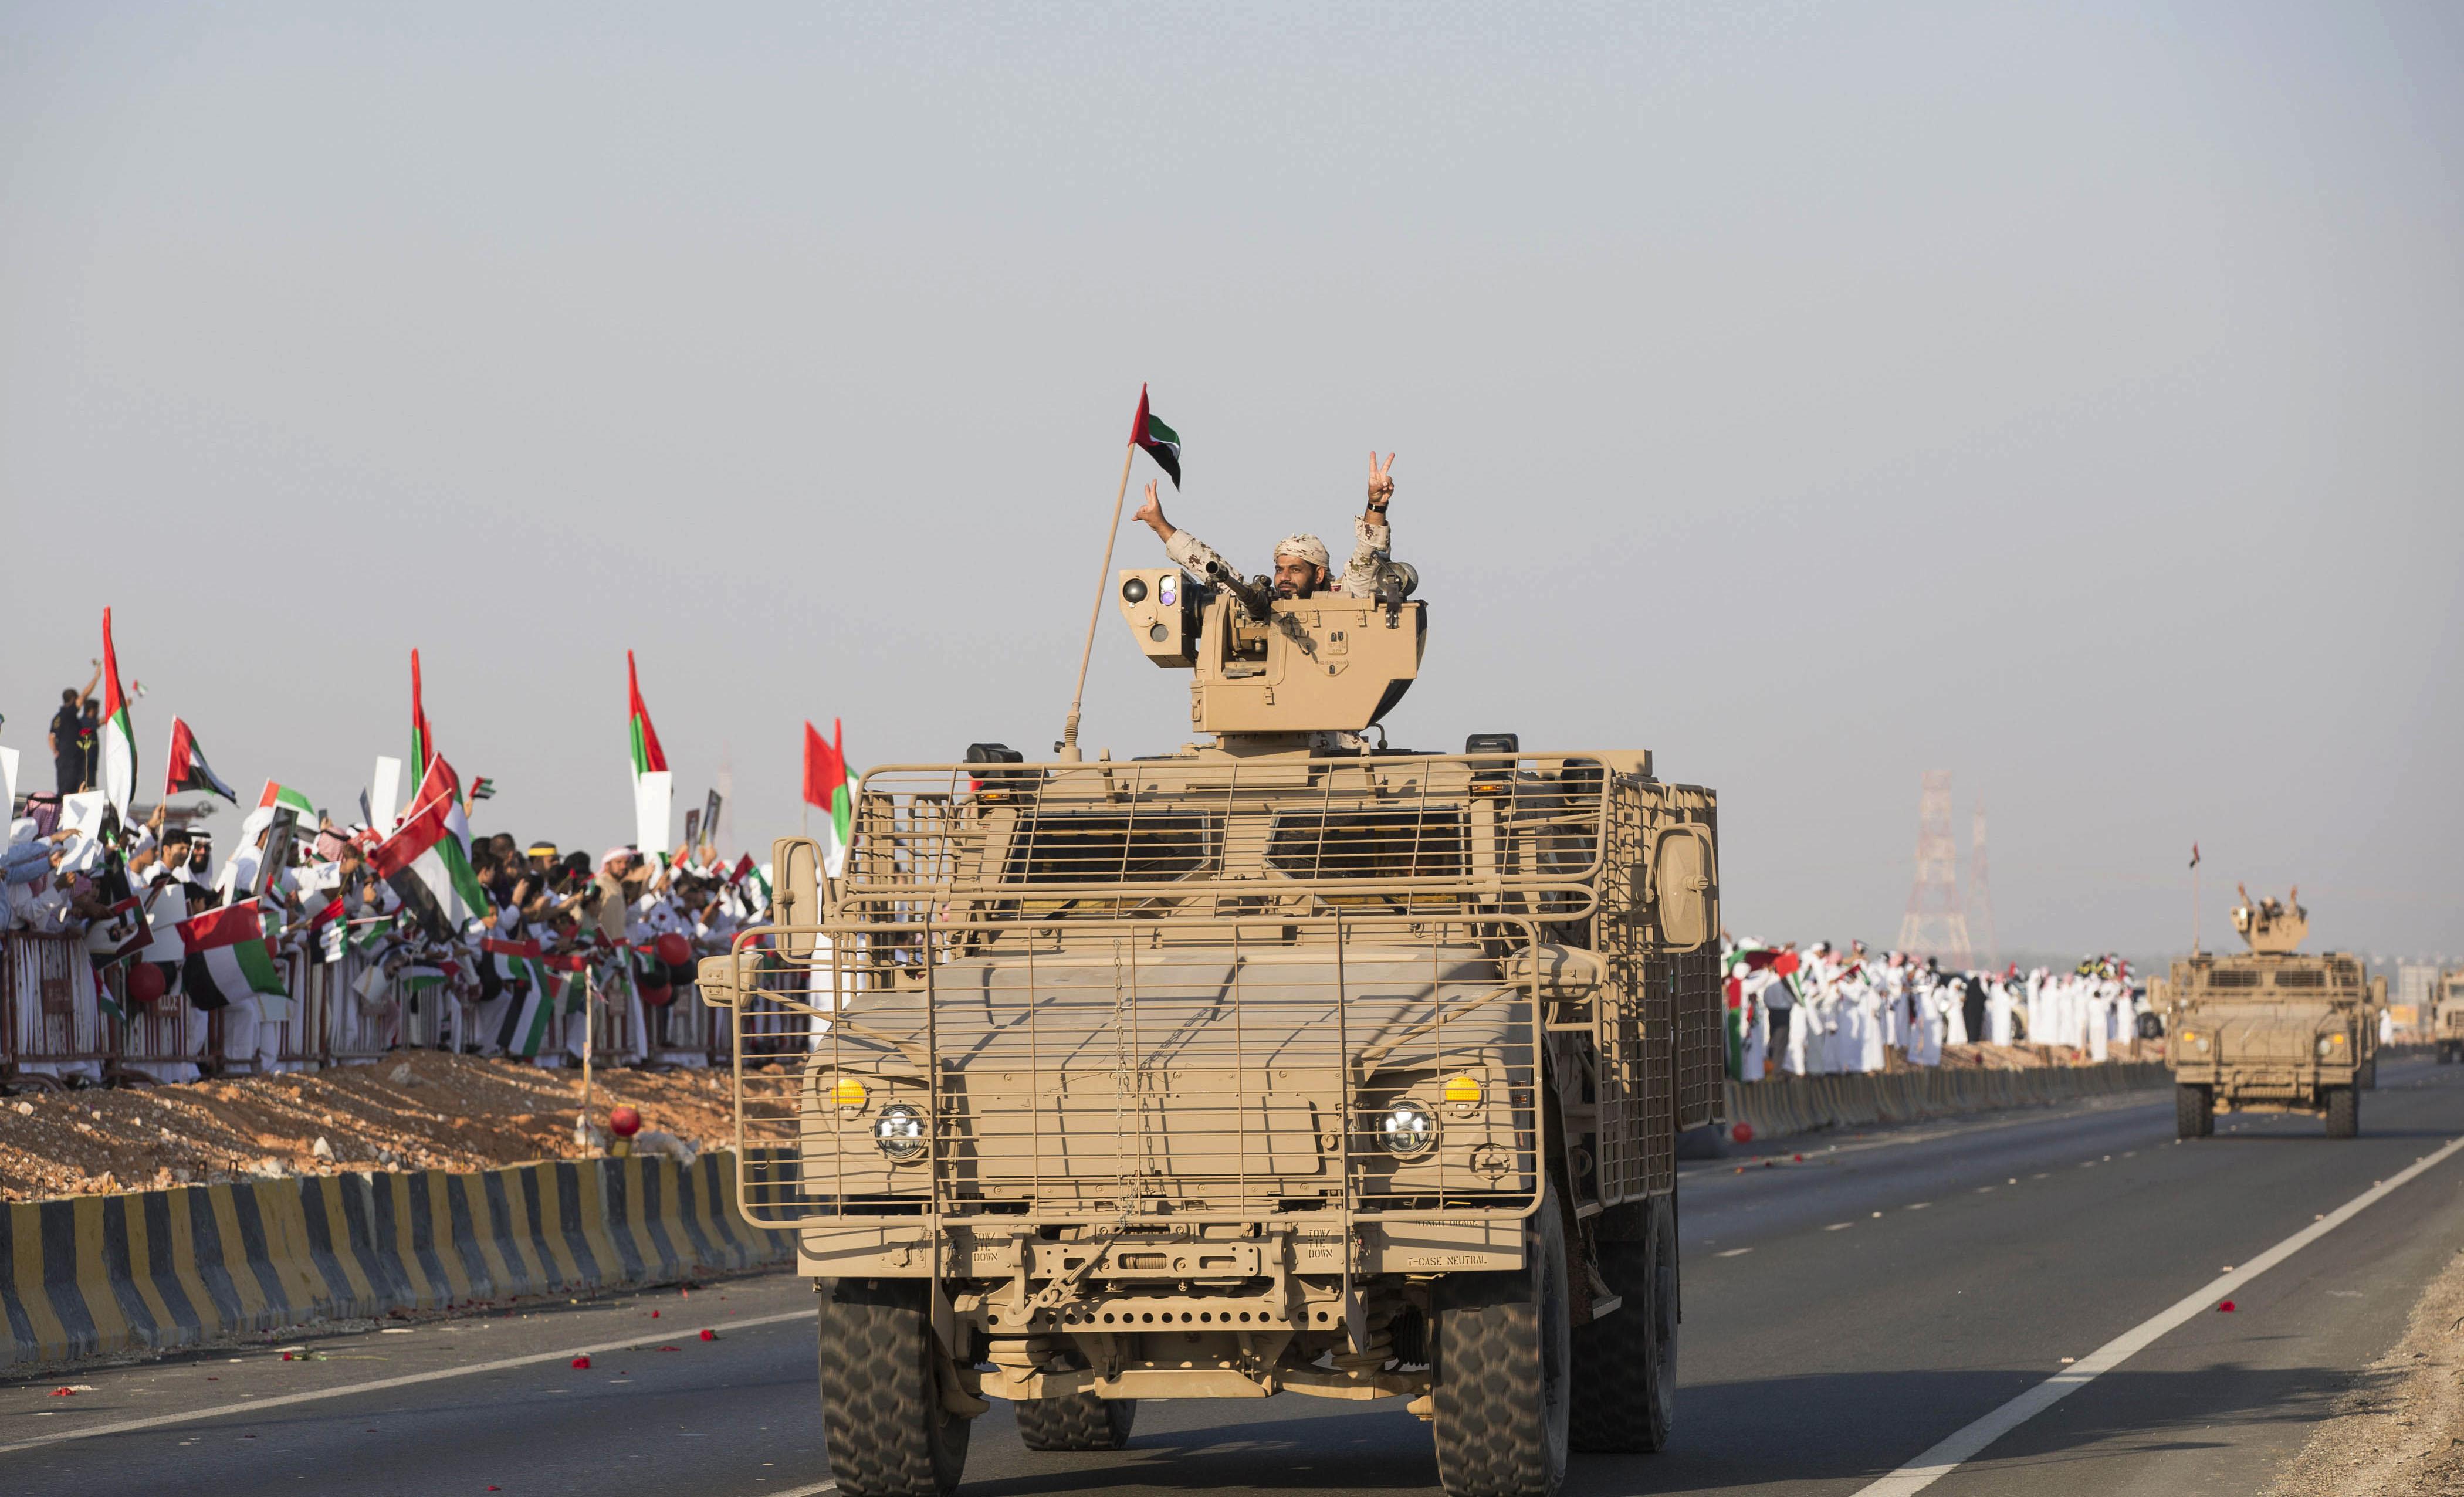 UAE Decreases Number Of Forces Deployed In Yemen: Reuters